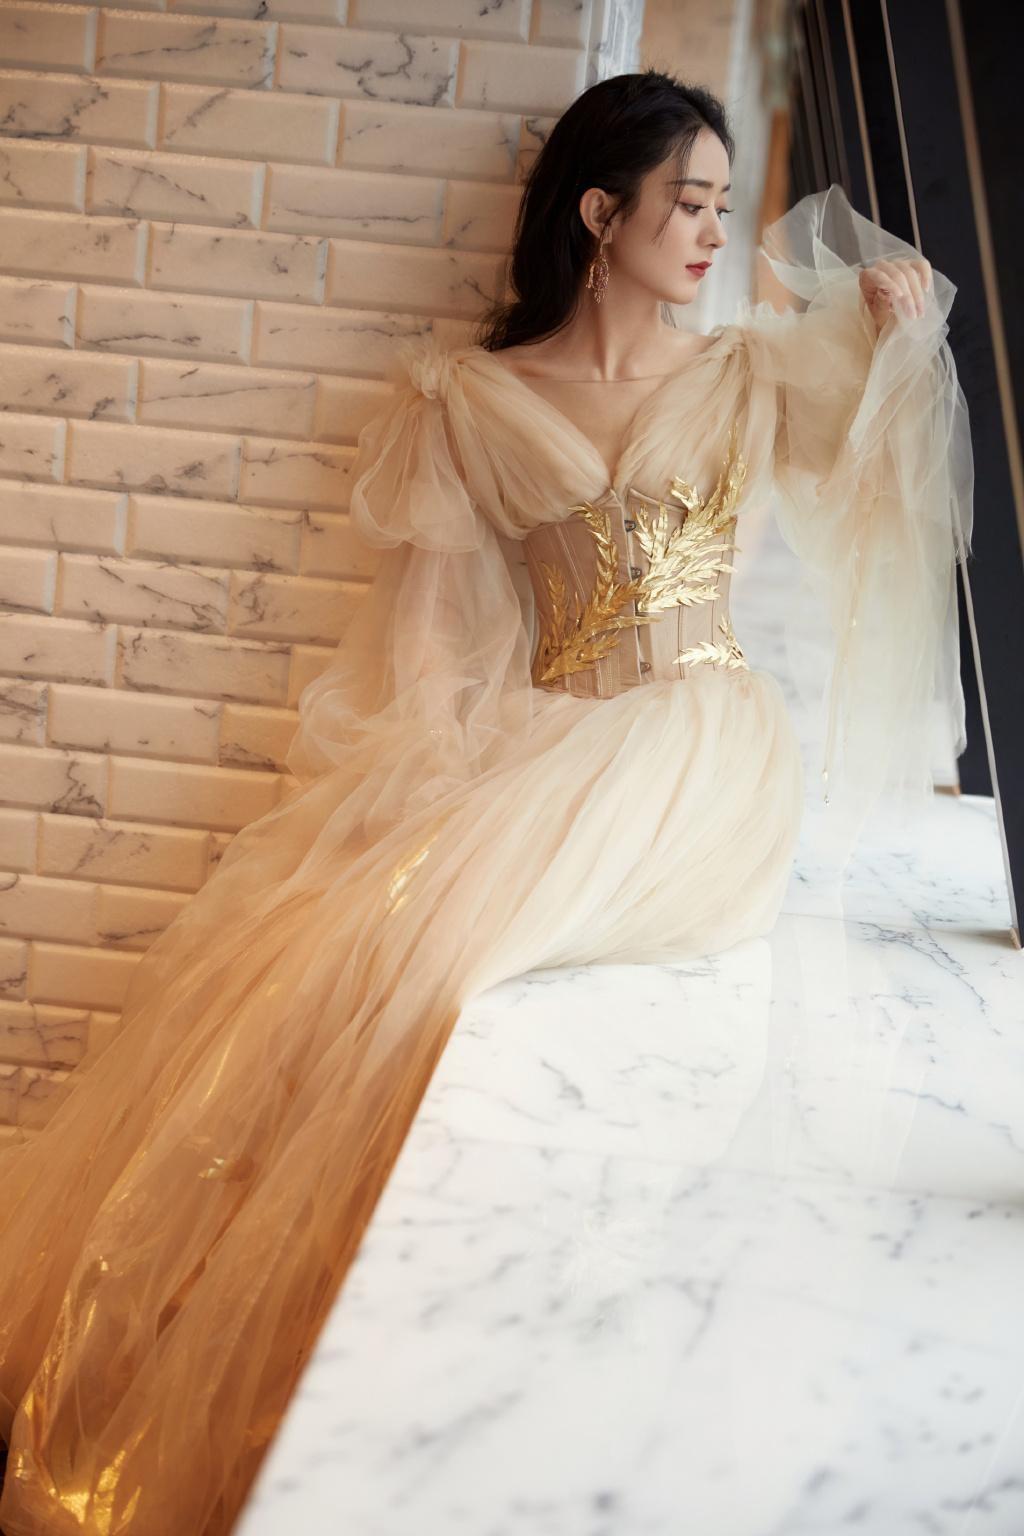 """Lai lịch khó ngờ của bộ váy lộng lẫy giúp Triệu Lệ Dĩnh thành """"Nữ hoàng đêm hội Bazaar"""" ảnh 5"""